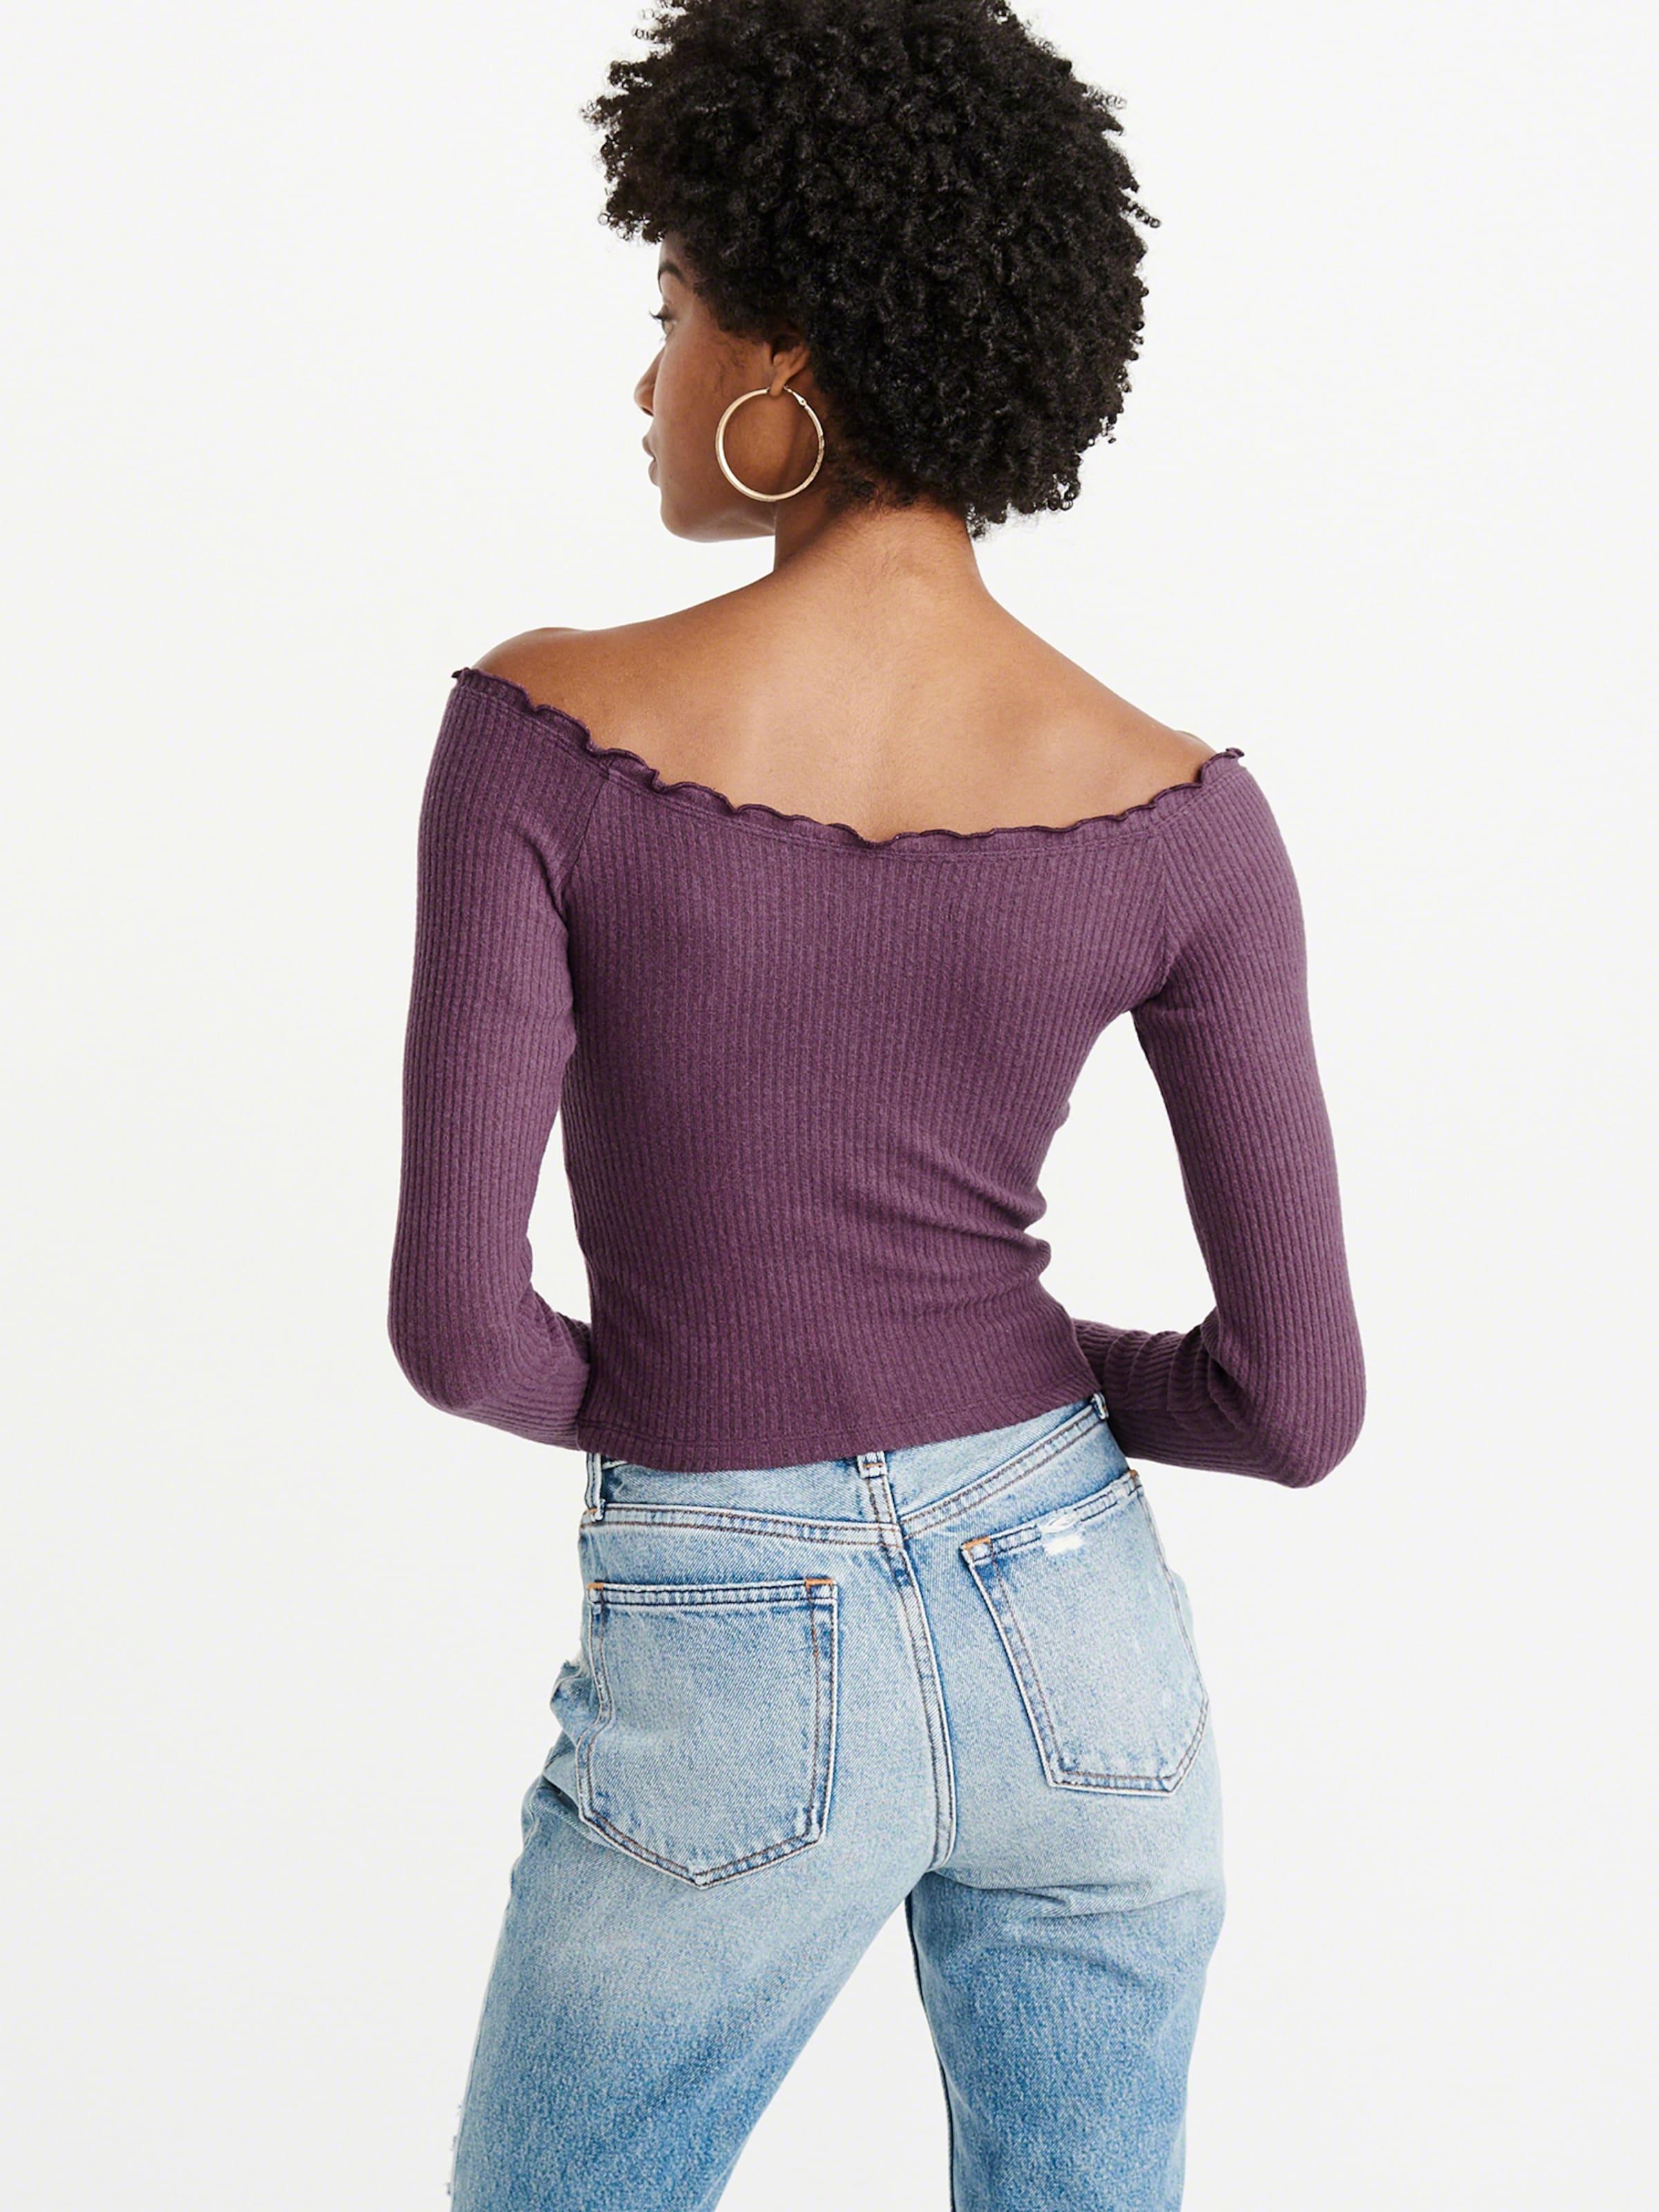 Fashion' shirt Fitch Abercrombieamp; T Bourgogne En 'ls Cozy wmNn80v